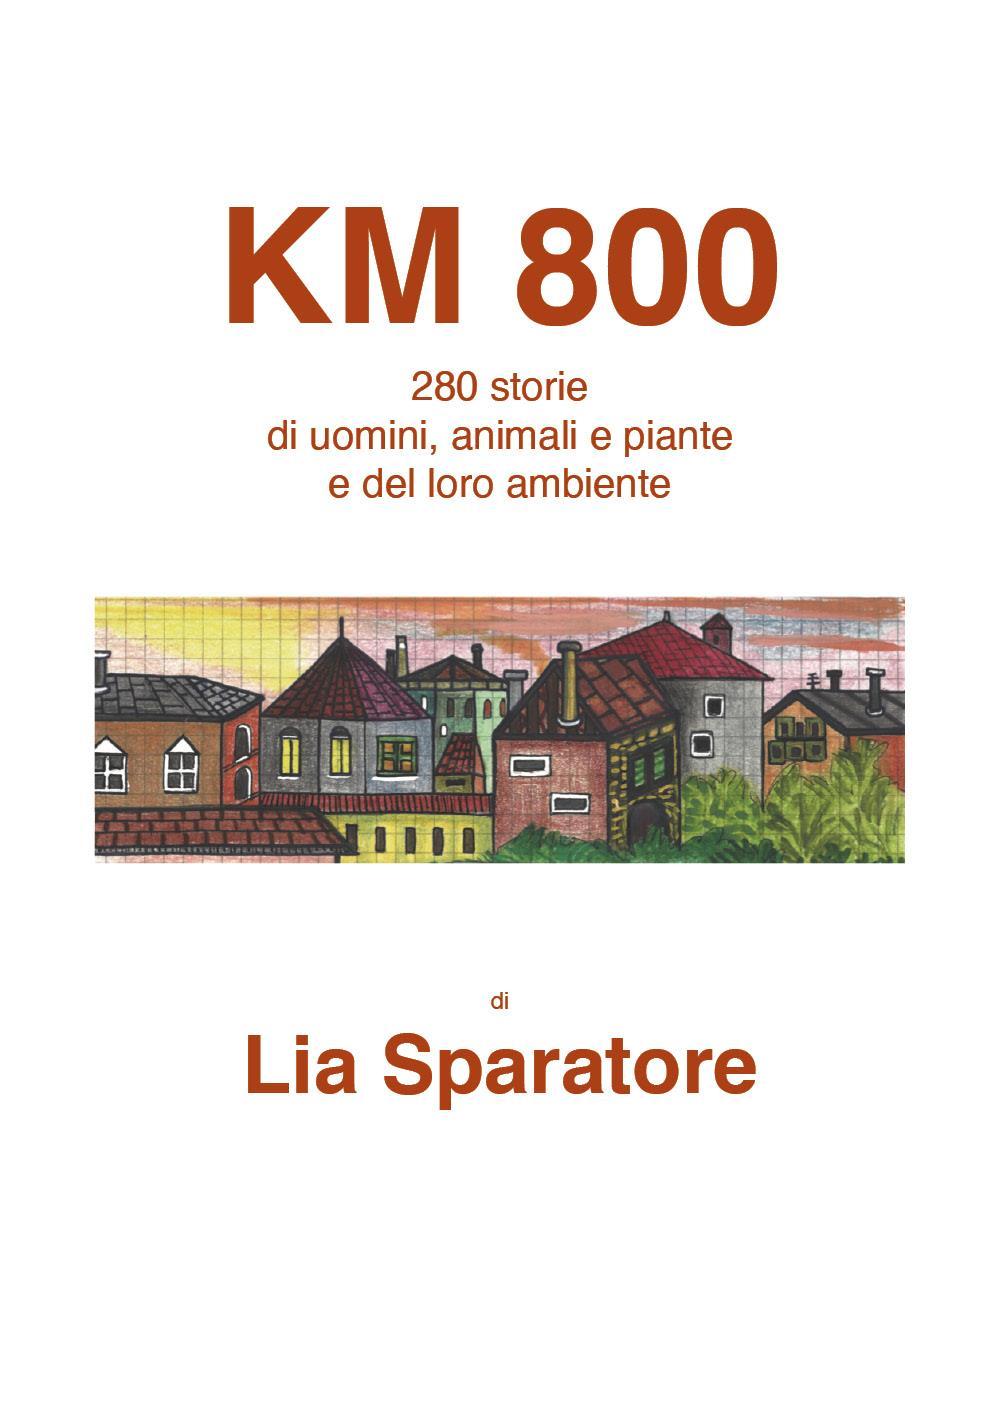 KM 800 / 280 storie  di uomini, animali e piante e del loro ambiente